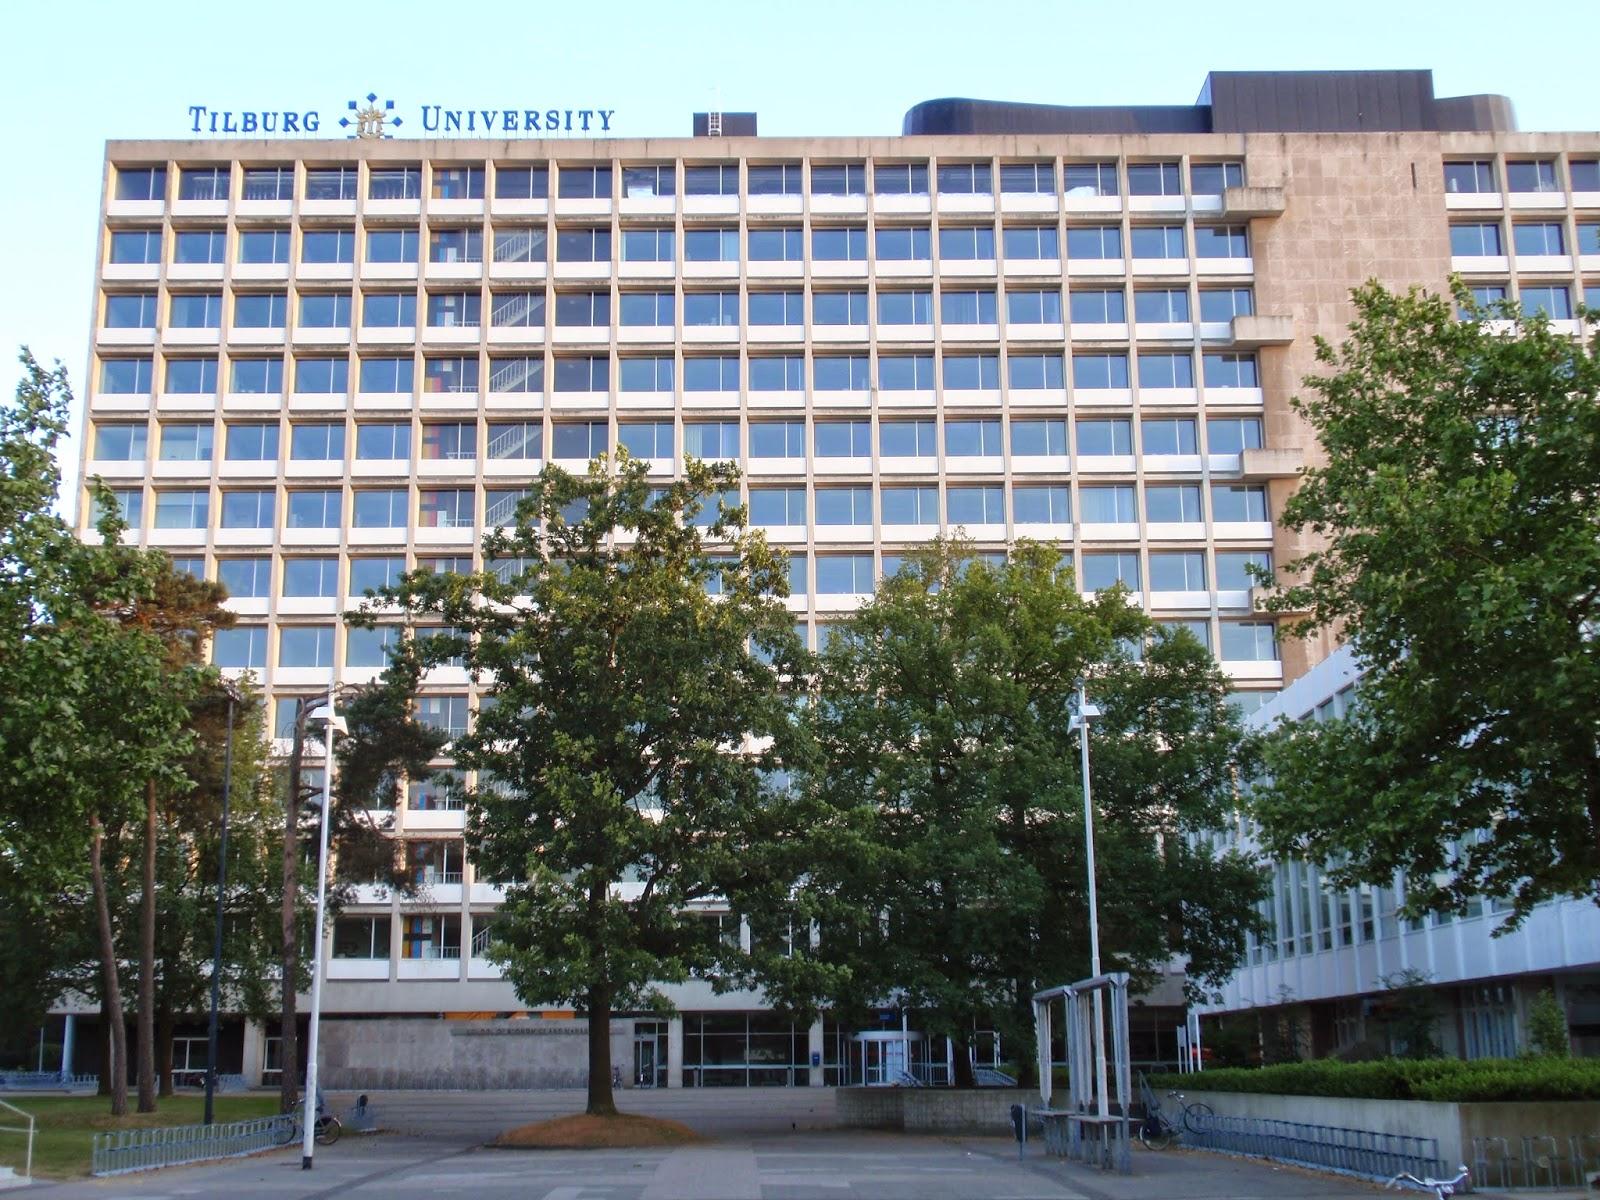 Tilburg University memilik 39 beasiswa untuk siswa internasional